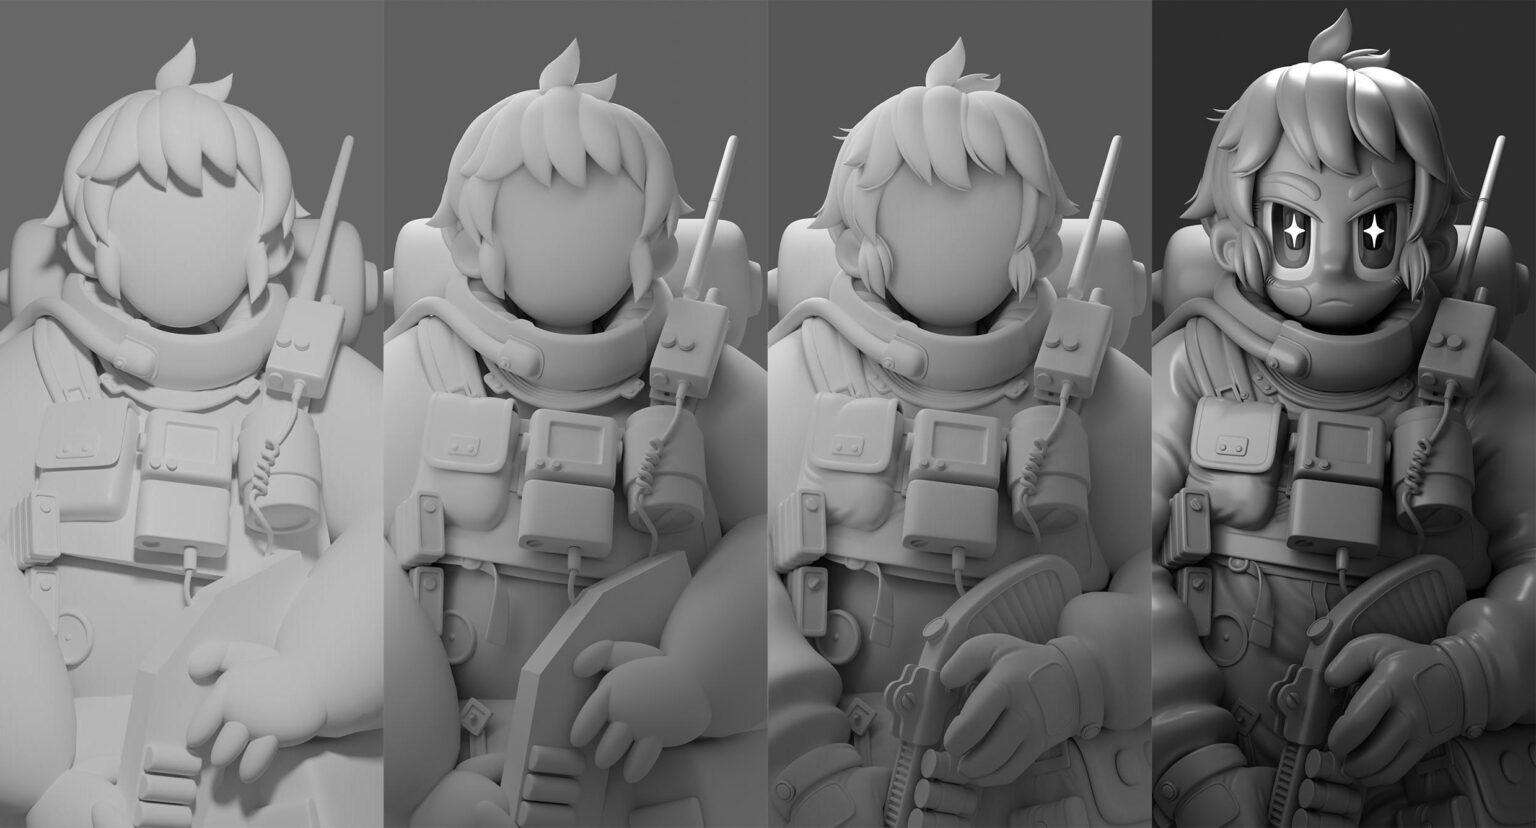 动画风格宇航员建模过程 - Renderbus云渲染农场